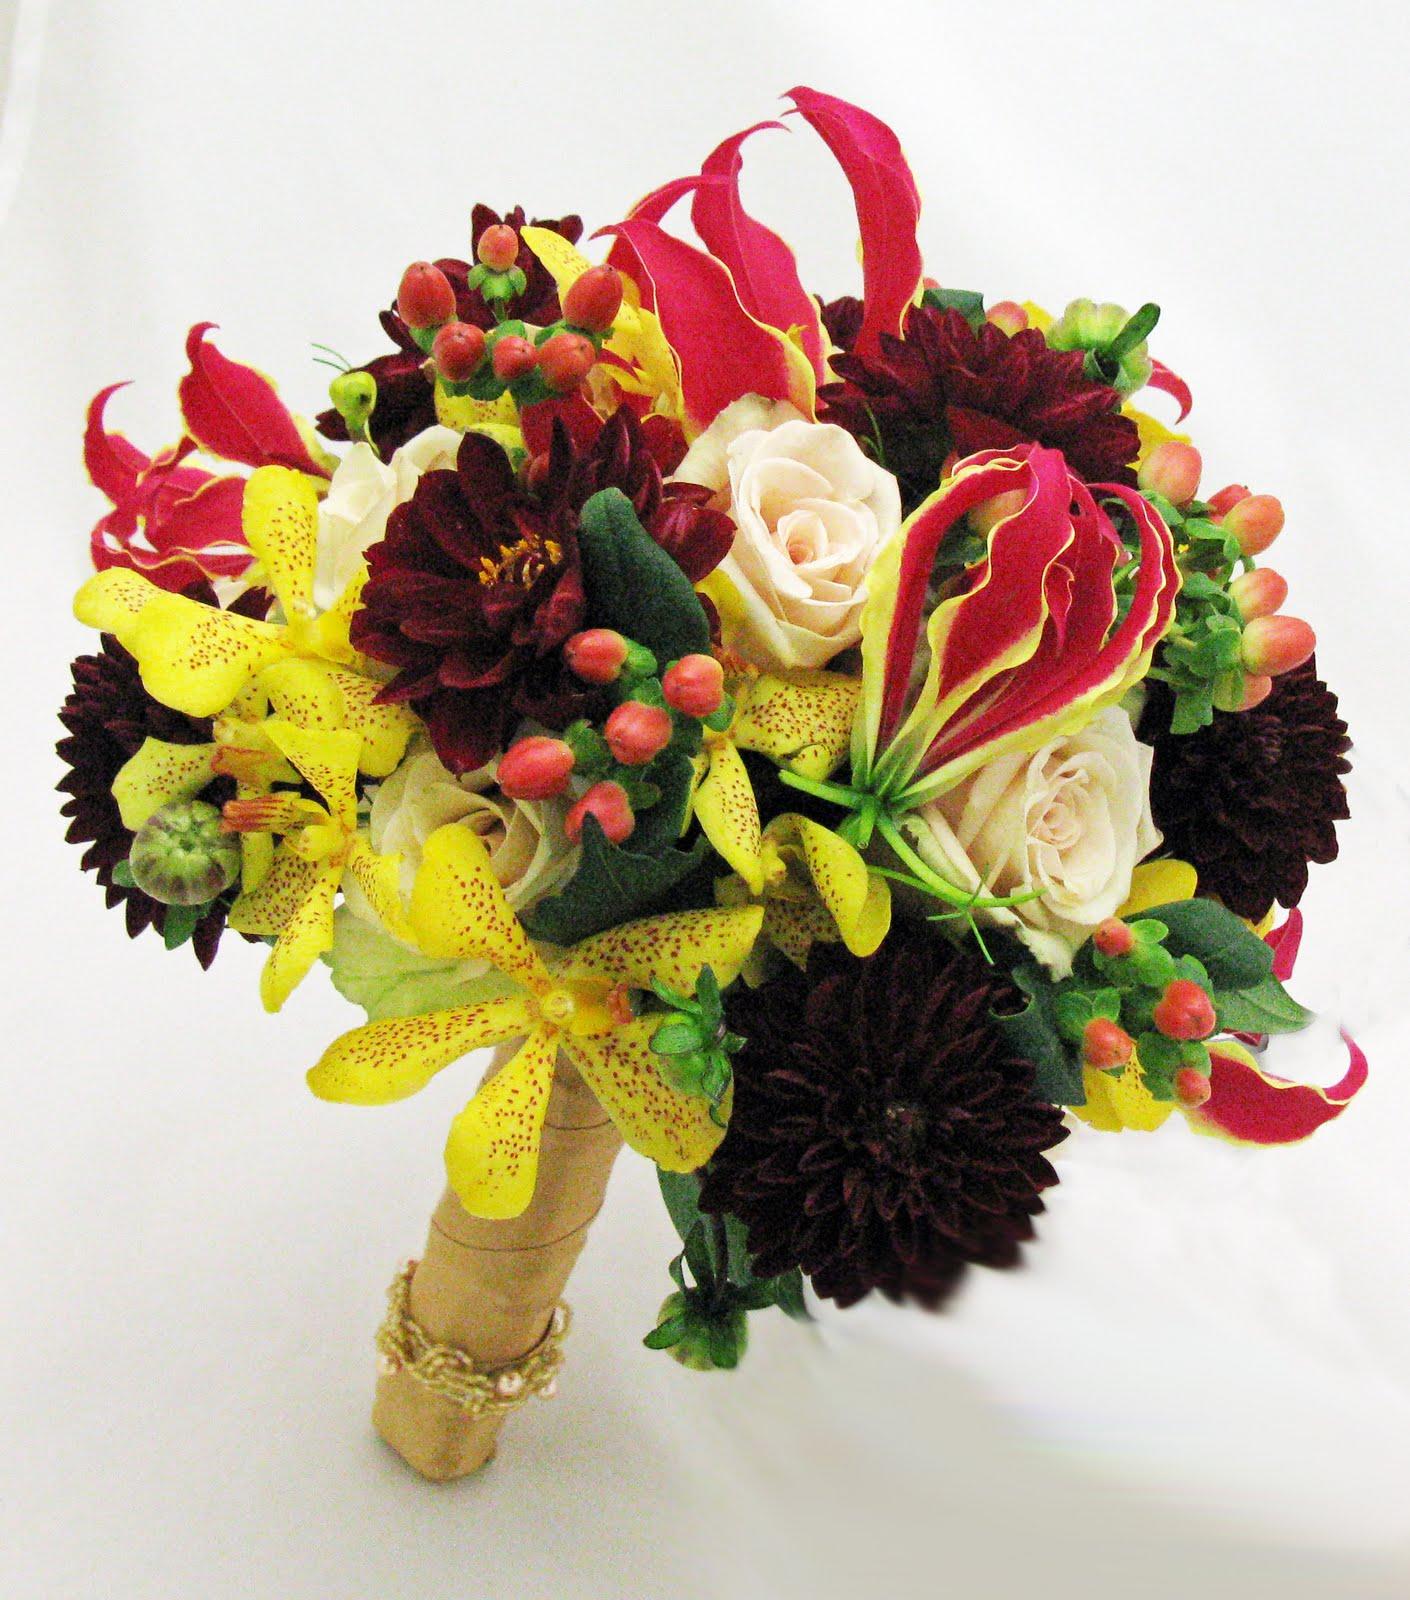 ТверьБукетдоставка цветов в Твери. Доставка букетов 82